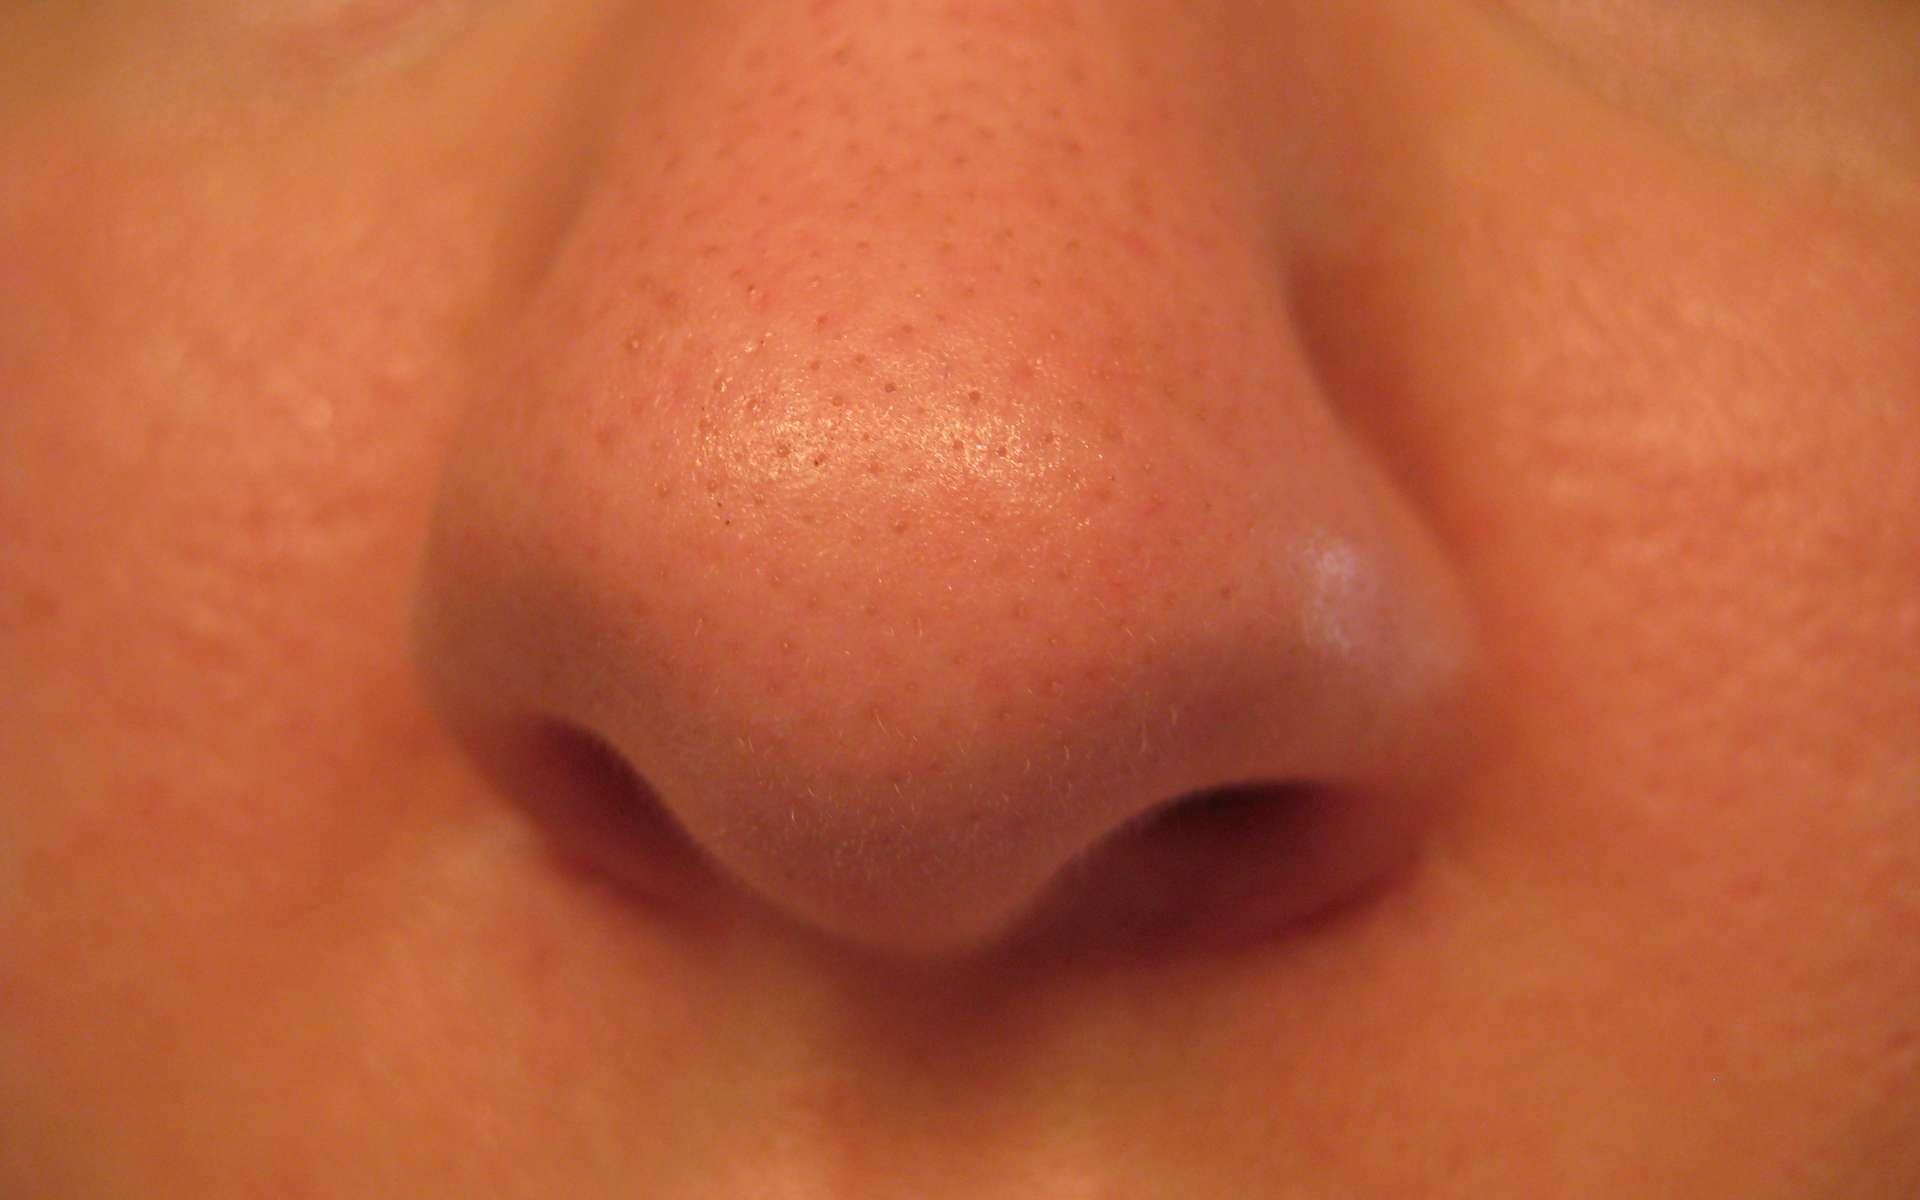 L'odorat est un sens important chez l'Homme. C'est le seul parmi les cinq dont on dispose à être directement relié au système limbique du cerveau, associé aux émotions. Il n'y a rien de surprenant à corréler odeur et peur ou dégoût. © capl@washjeff.edu, cc by nc sa 3.0,